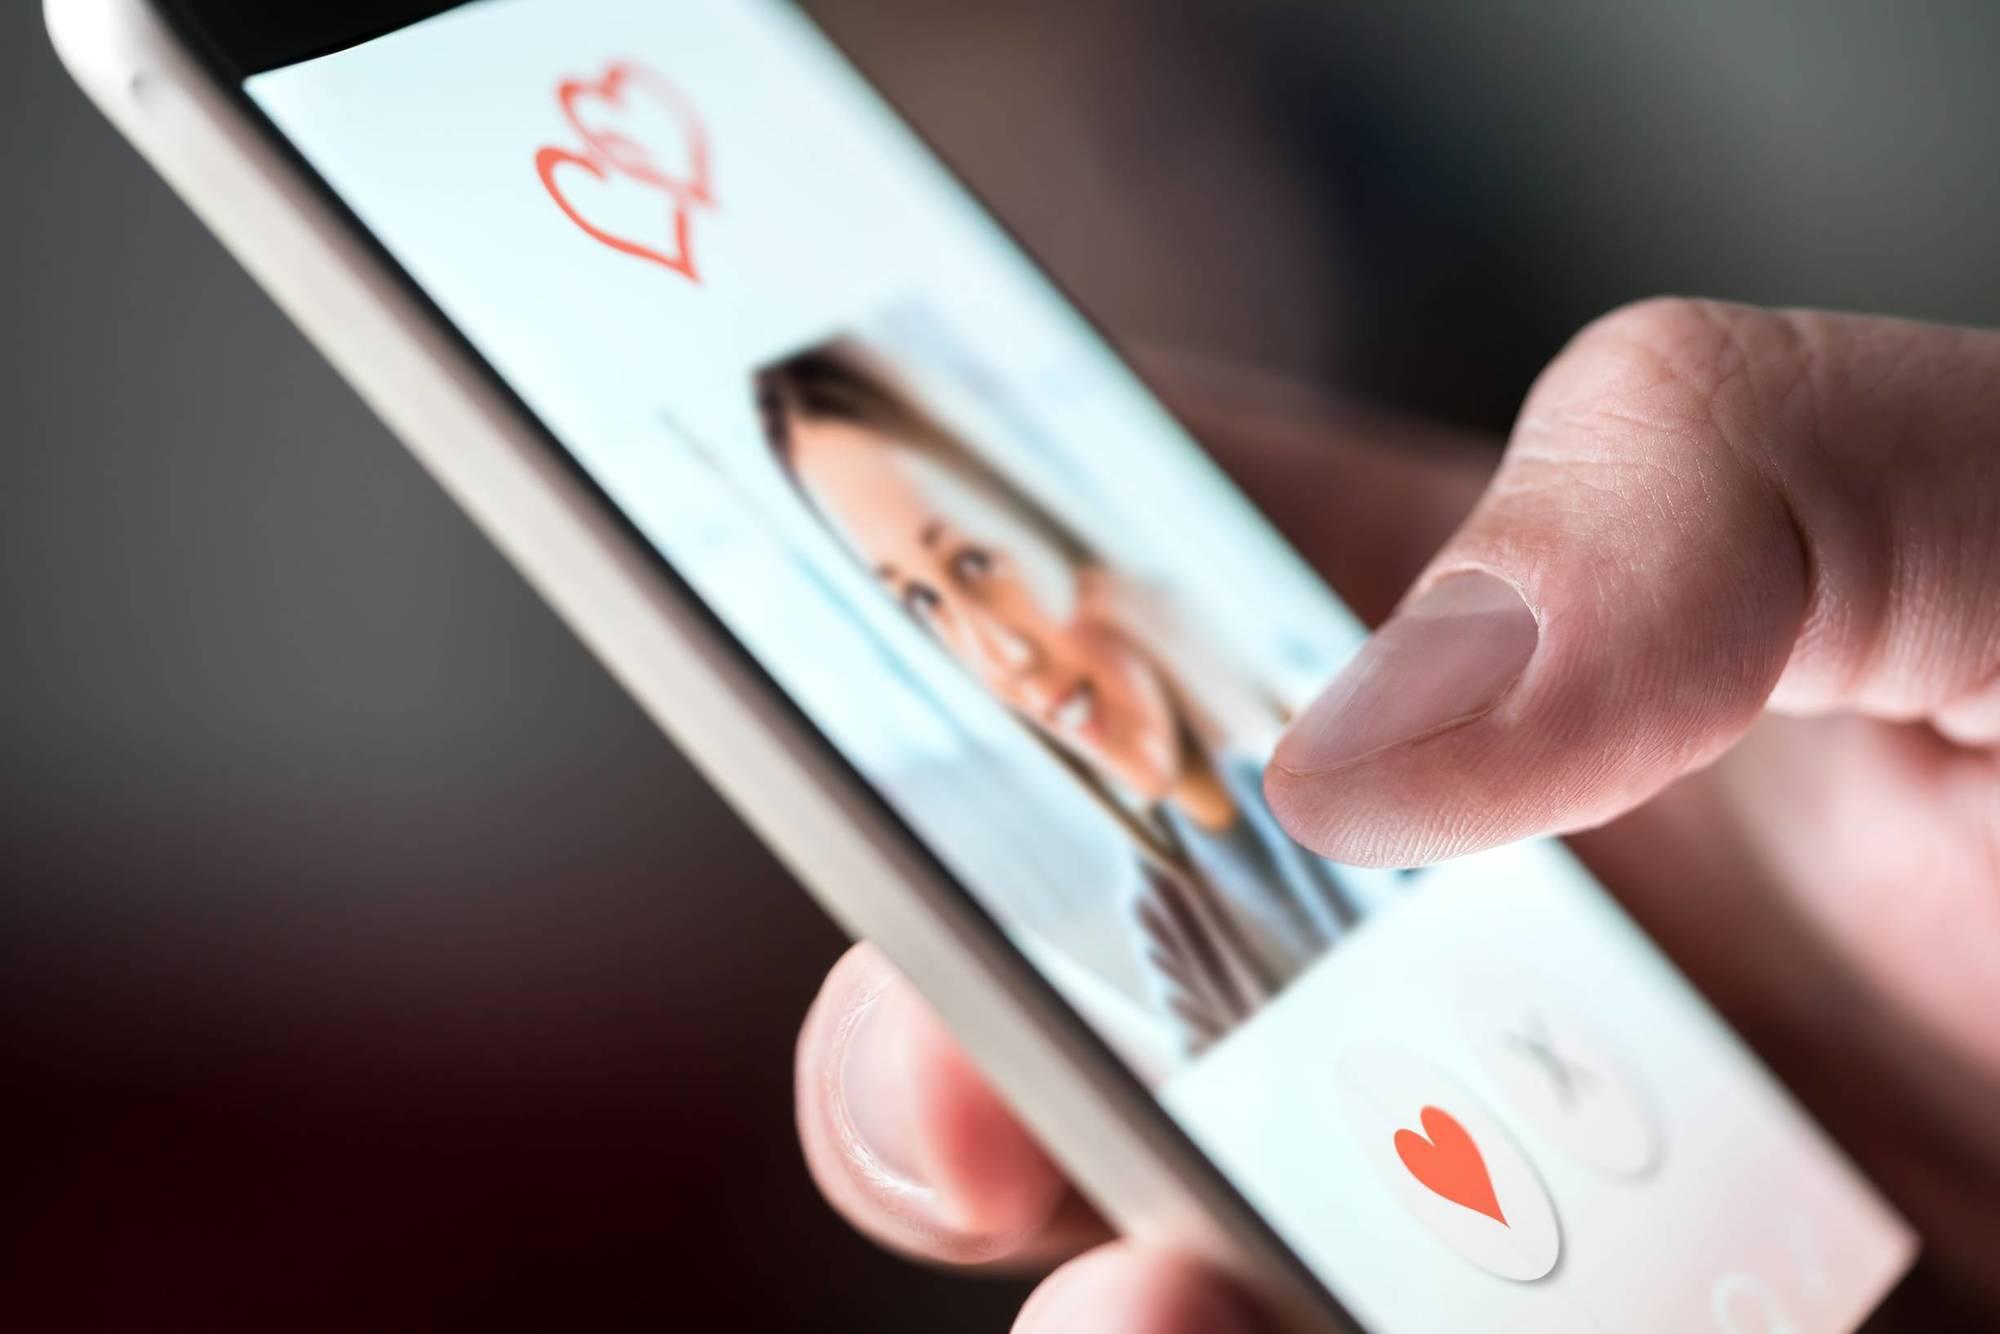 meilleur profil de rencontres en ligne jamais écrit en ligne datant Kannur